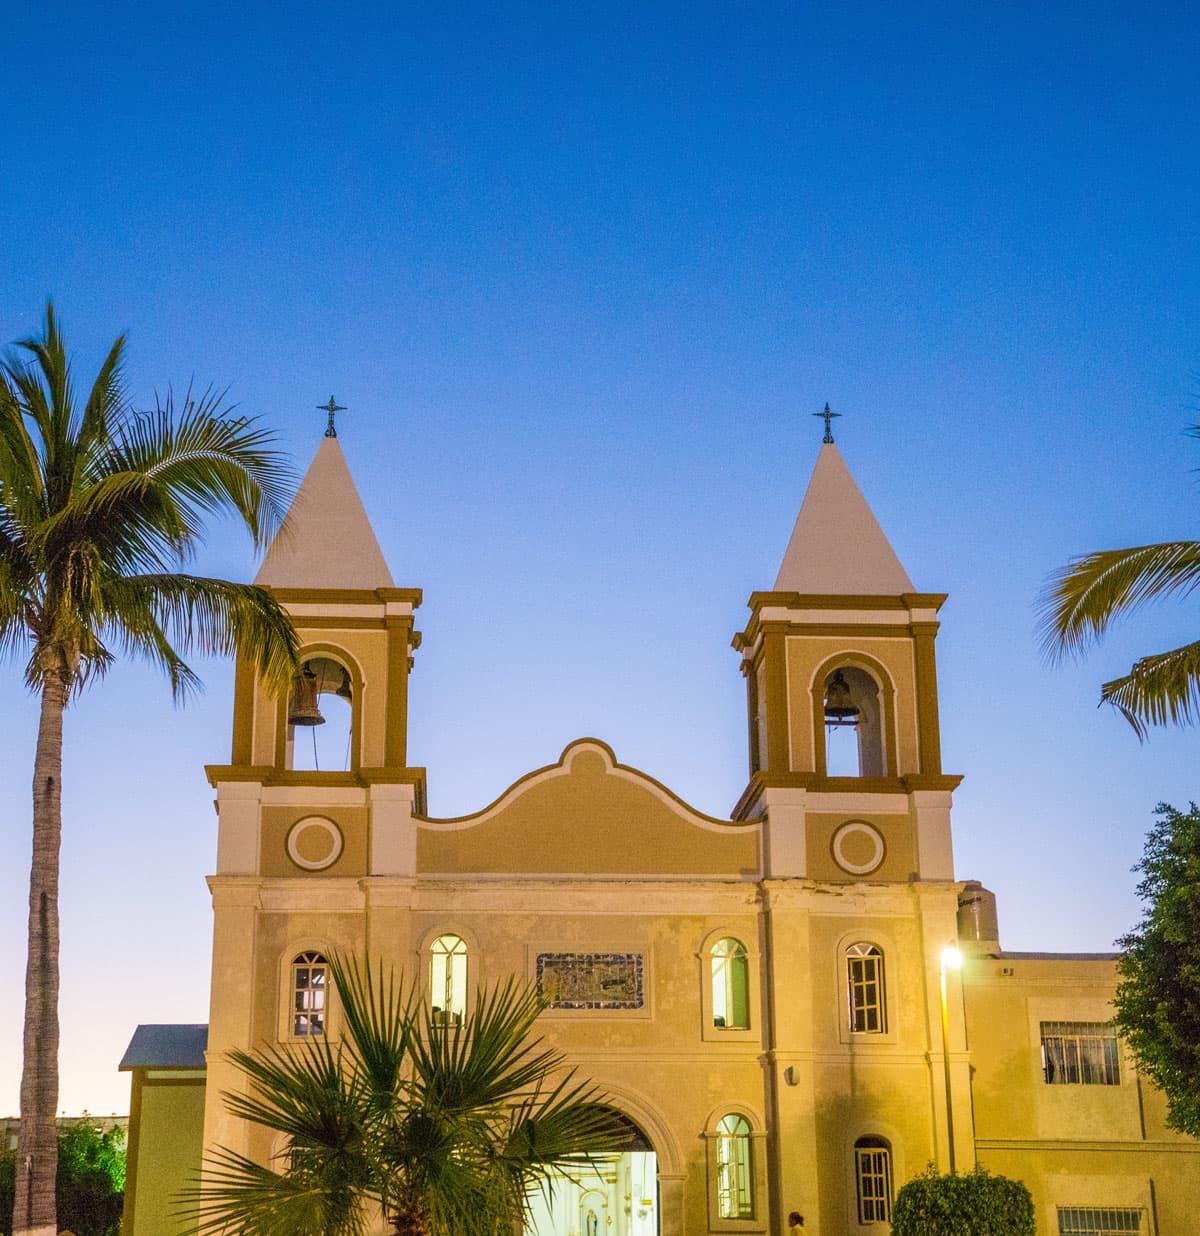 San Jose del Cabo church